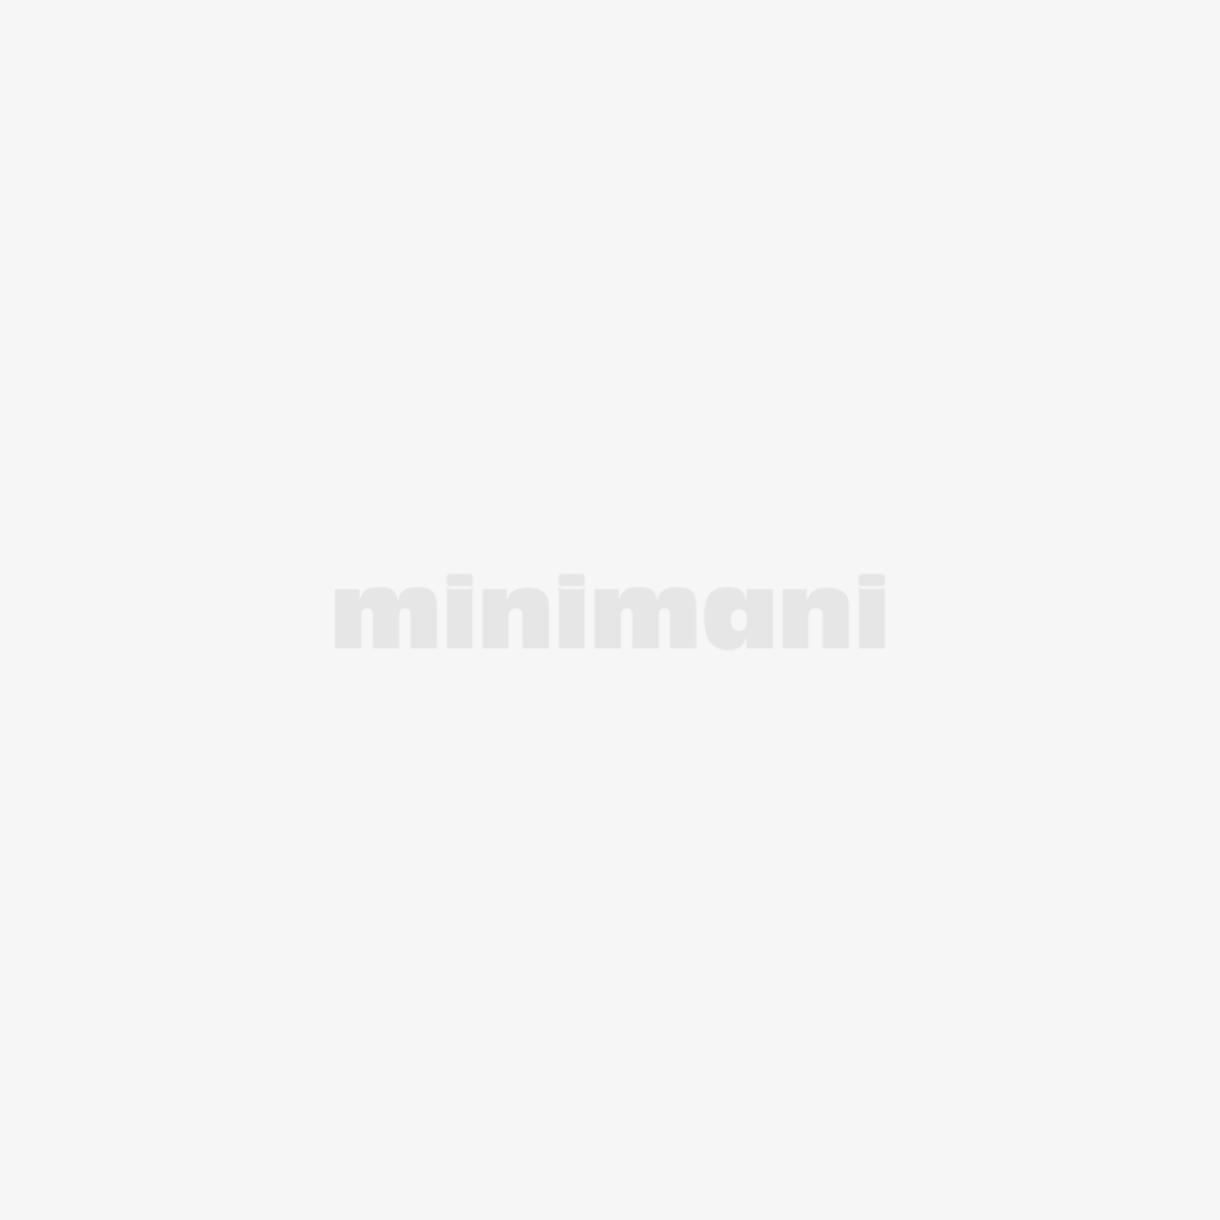 Finnmari juoma-astia hanalla 3,8 l 14x14x29 cm